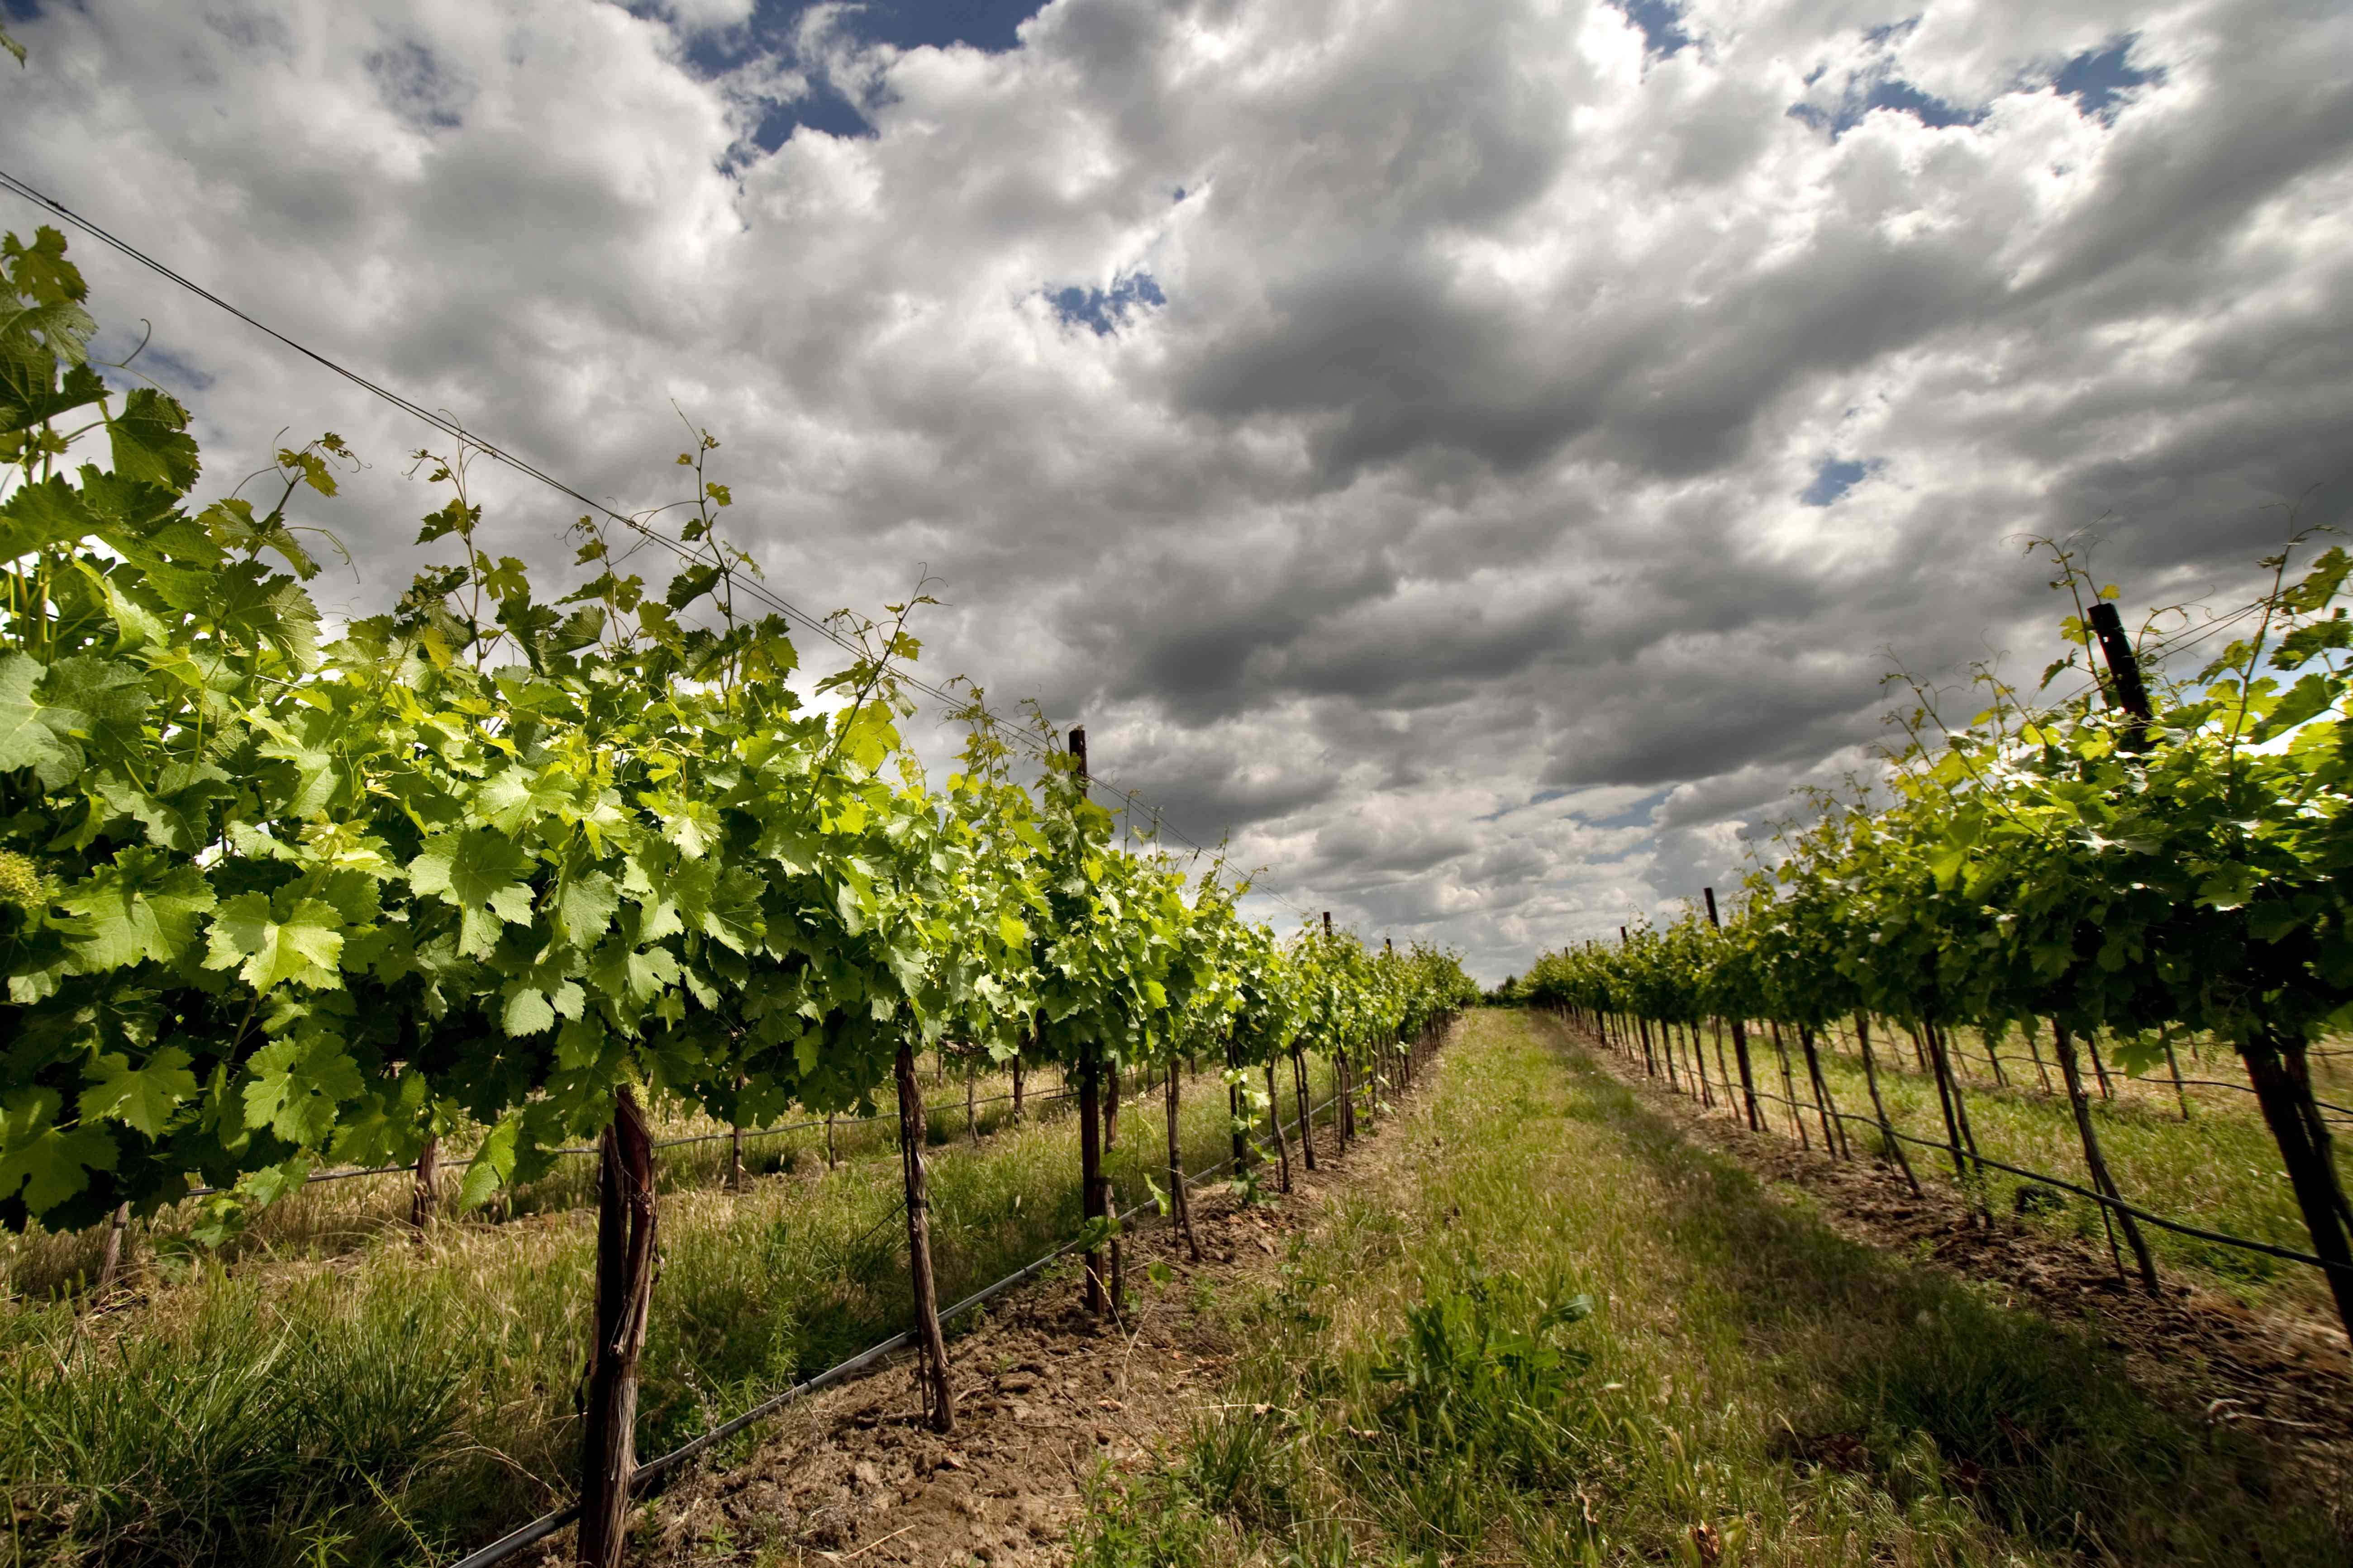 Dark skies over a vineyard